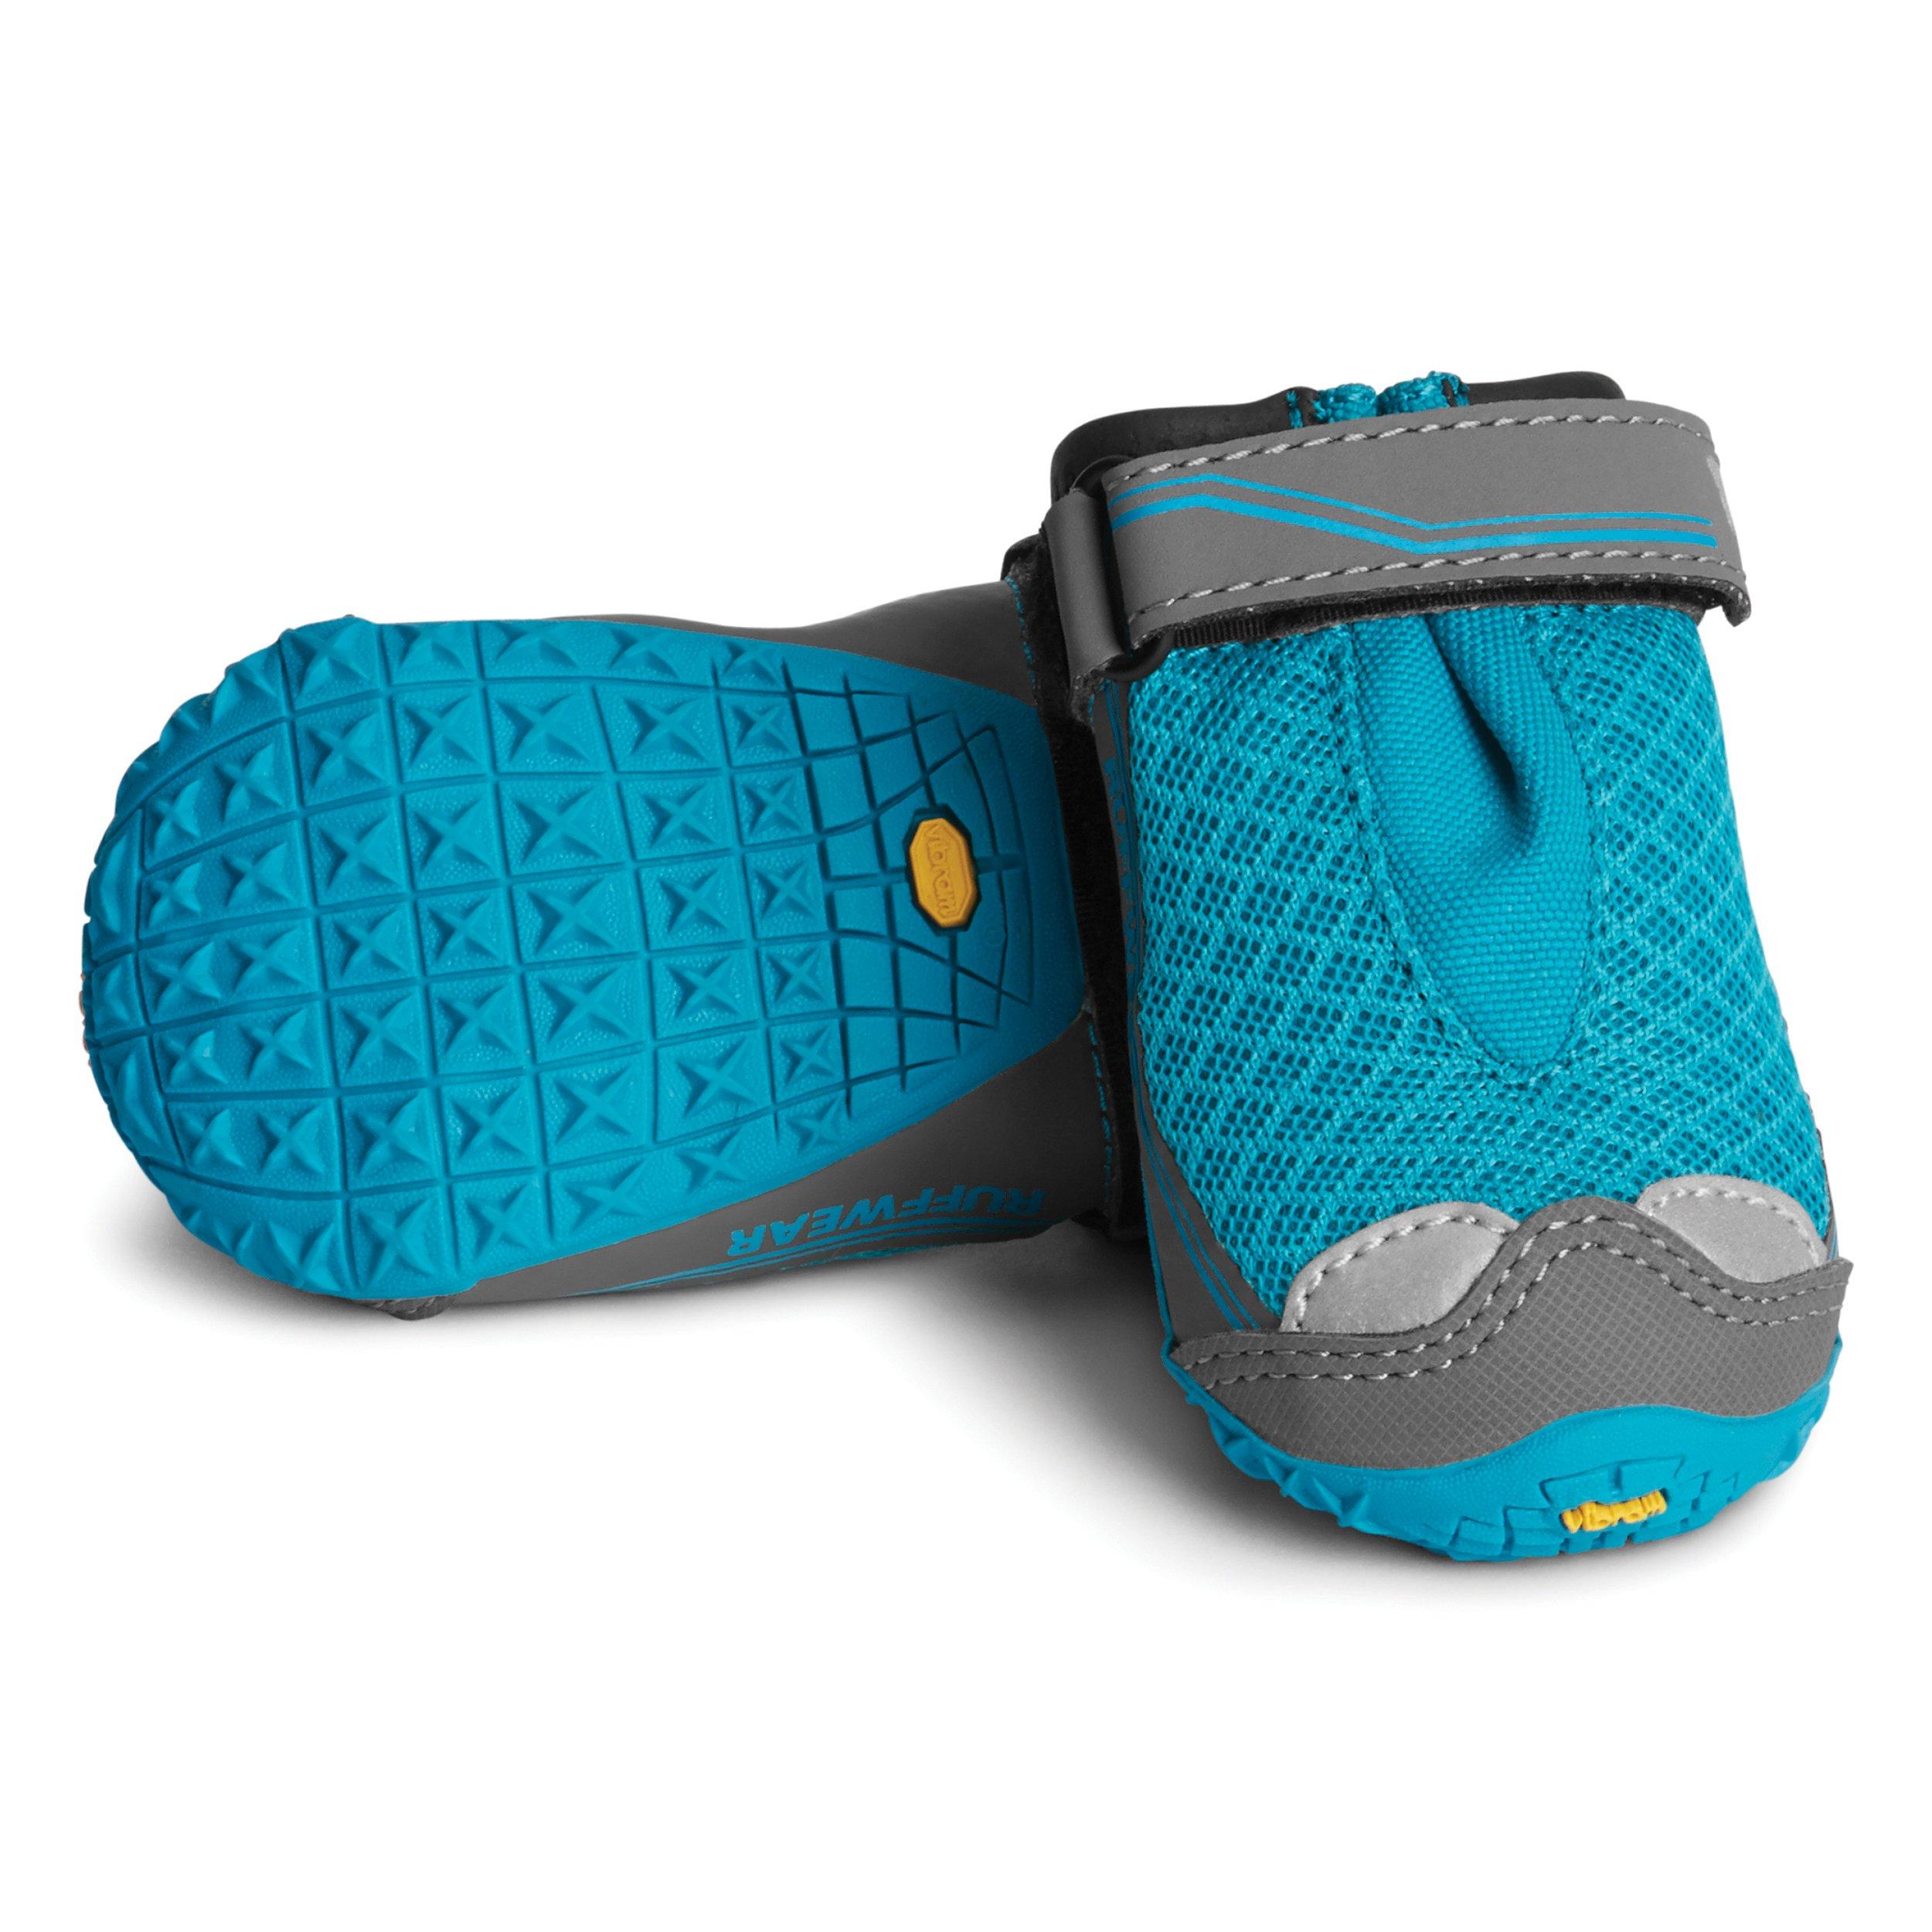 Ruffwear - Grip Trex, All-Terrain Paw Wear for Dogs, Blue Spring, 2.5 in (Set of 4)